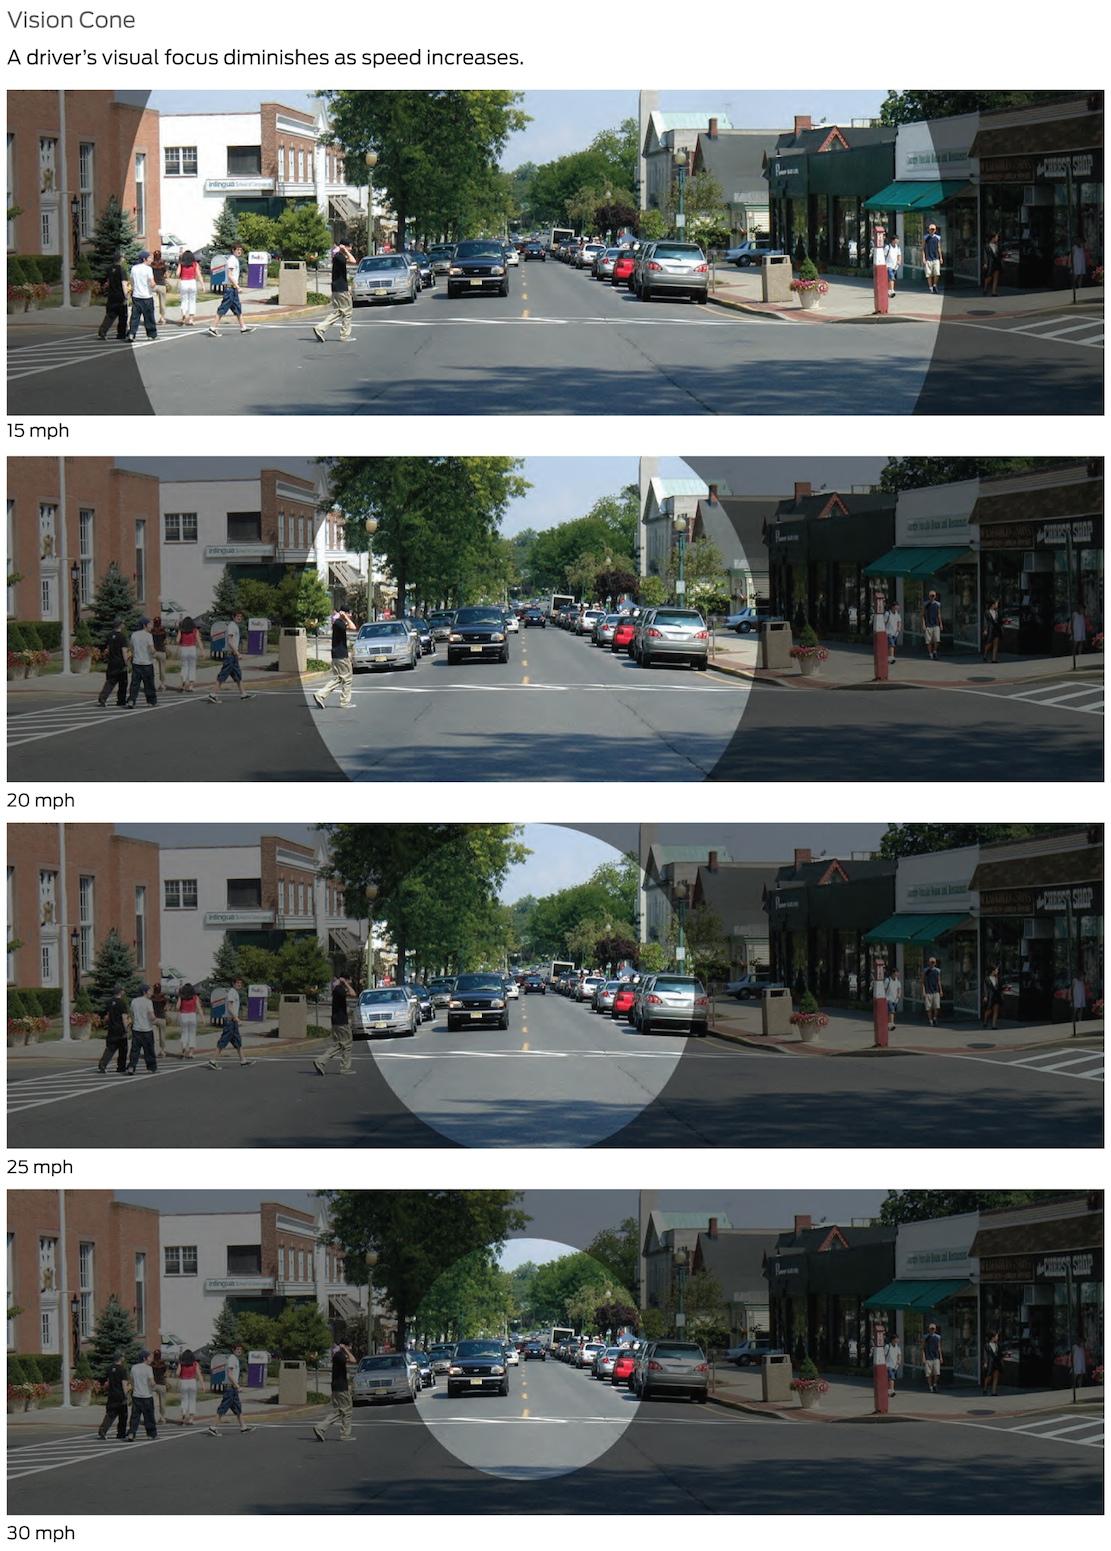 Cones of Vision, NACTO, 2010. Simulation.